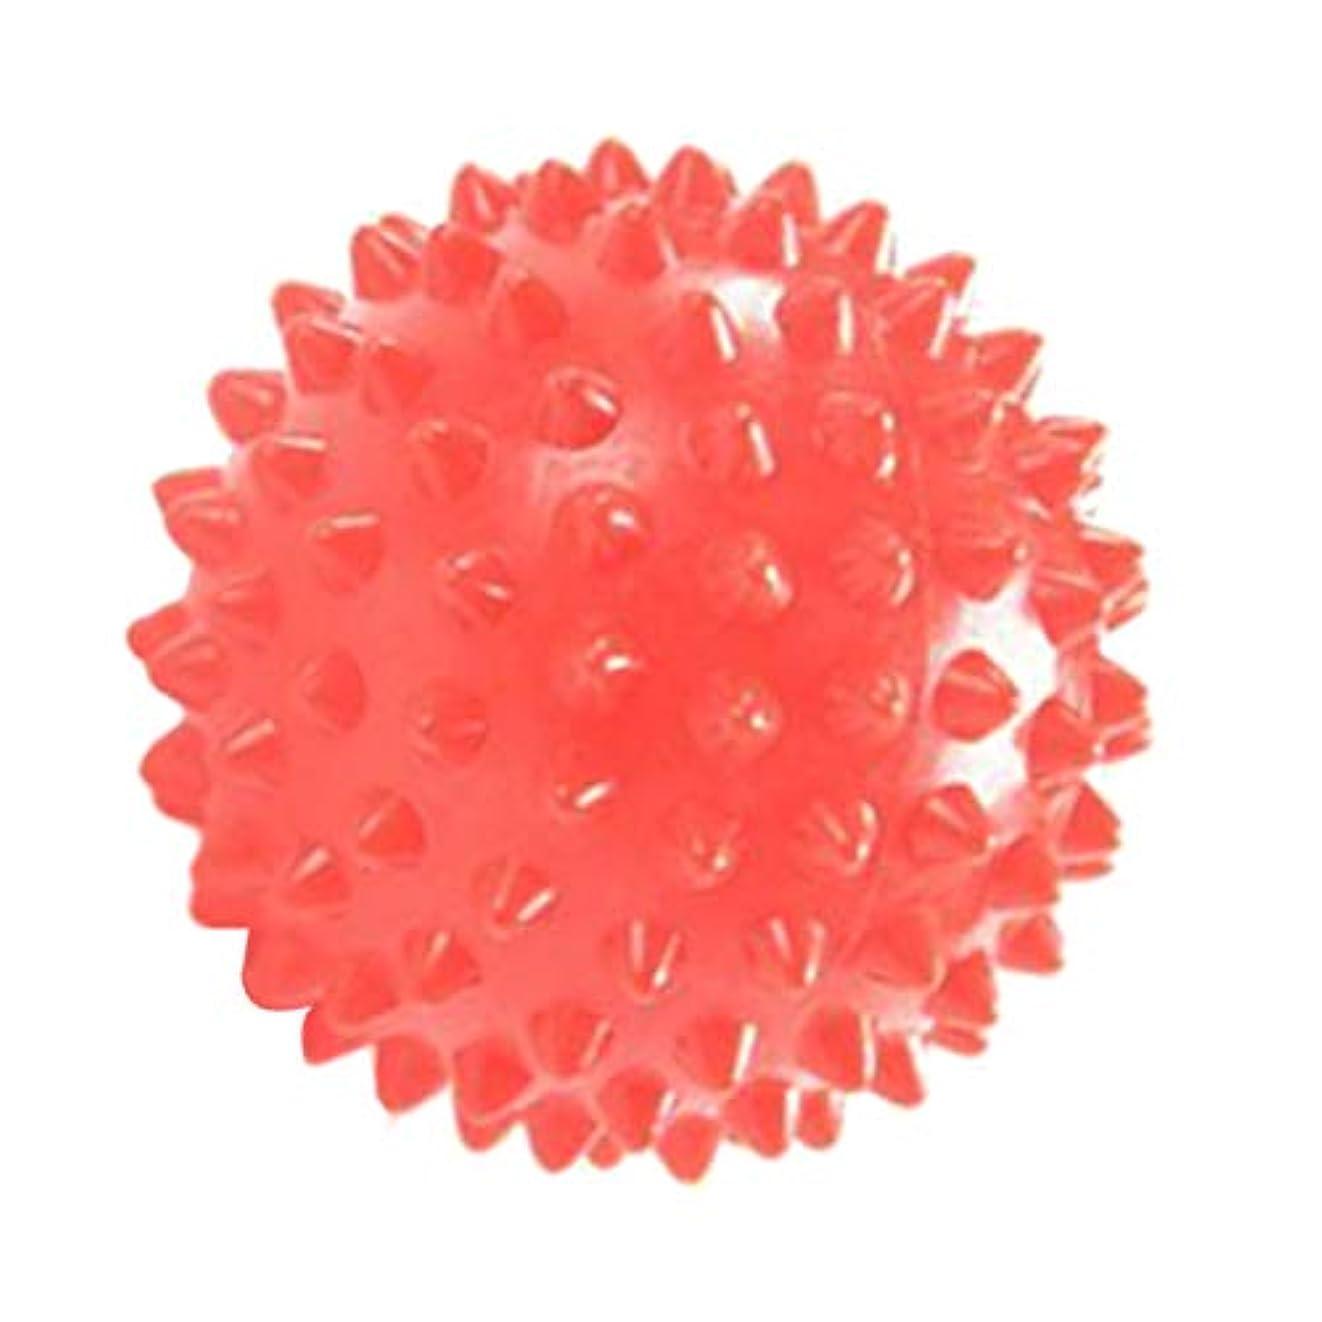 高架権限を与えるウミウシマッサージローラー マッサージ ヨガボール ツボ押し 触覚ボール 7cm オレンジ